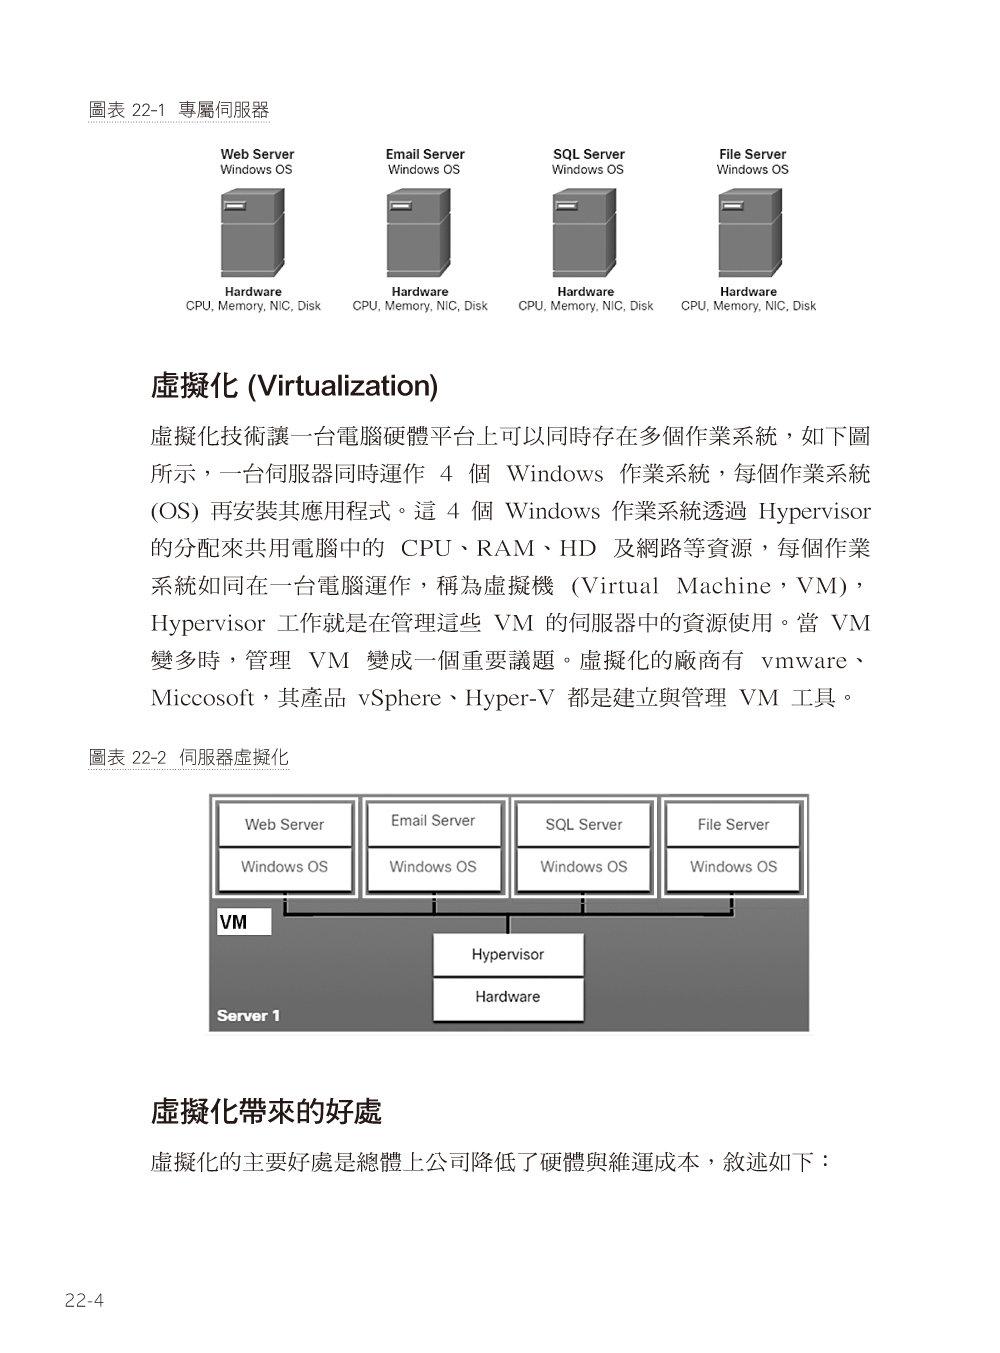 網路規劃與管理實務 - 協助考取國際網管證照, 3e-preview-6